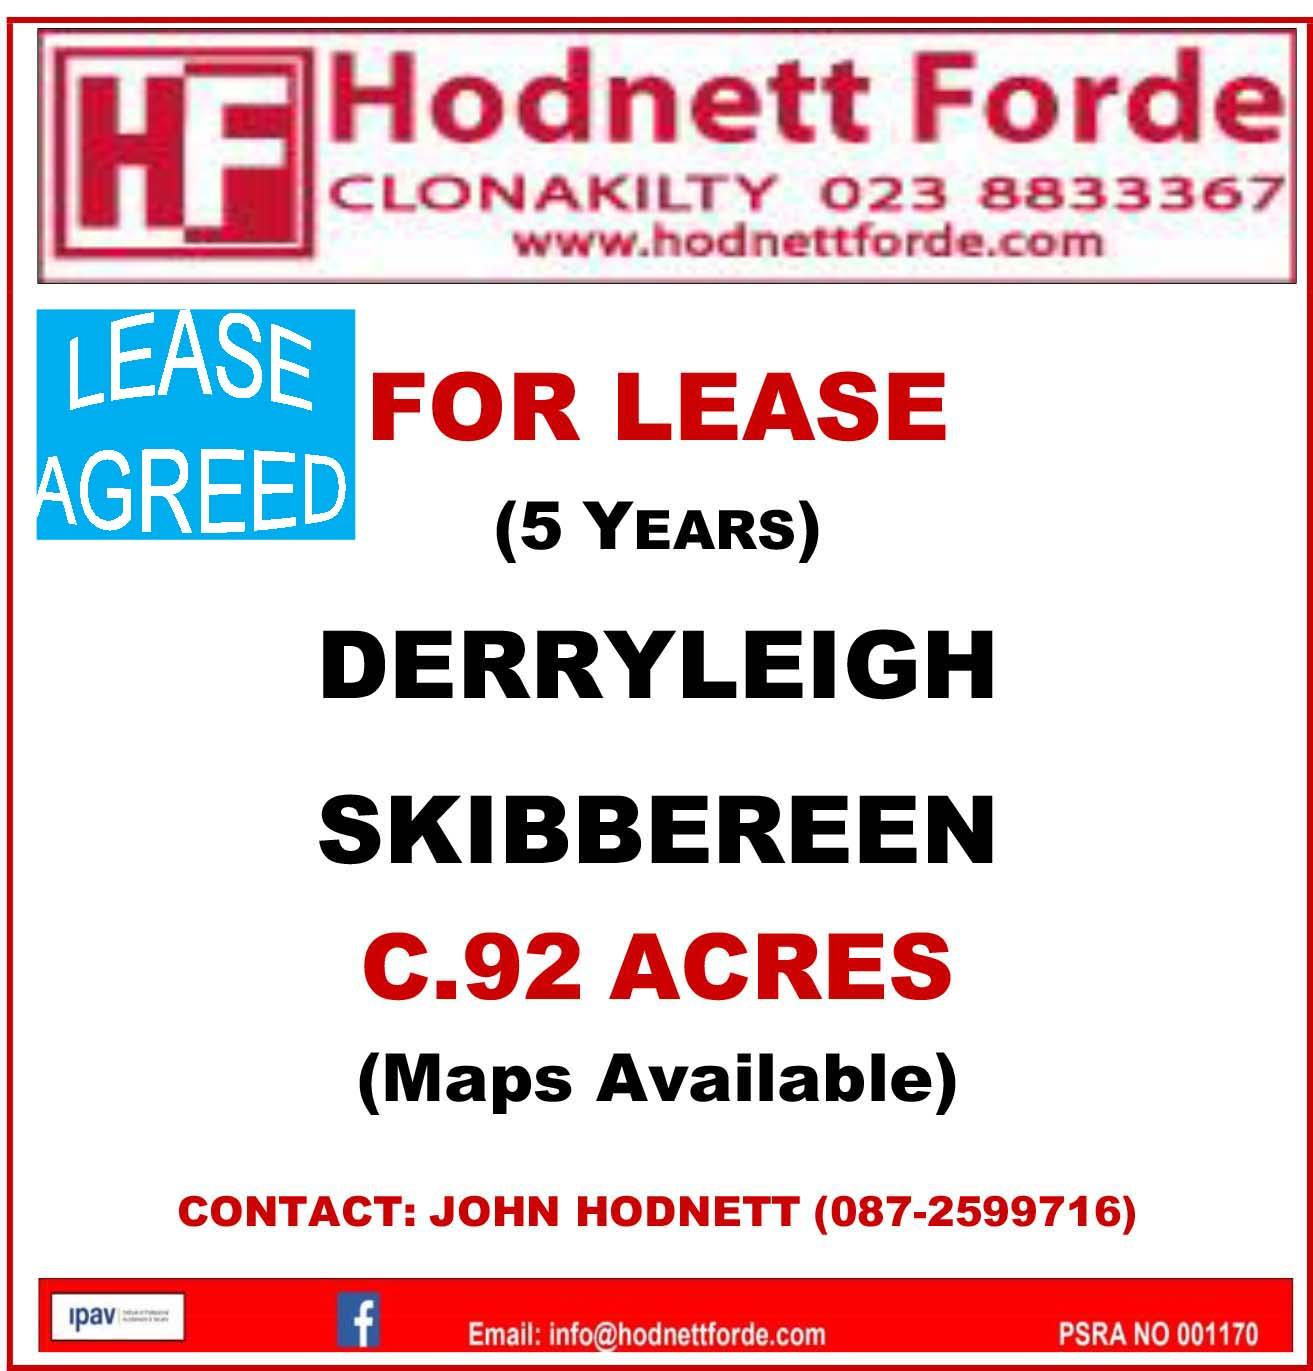 7. Derryleigh, Skibbereen